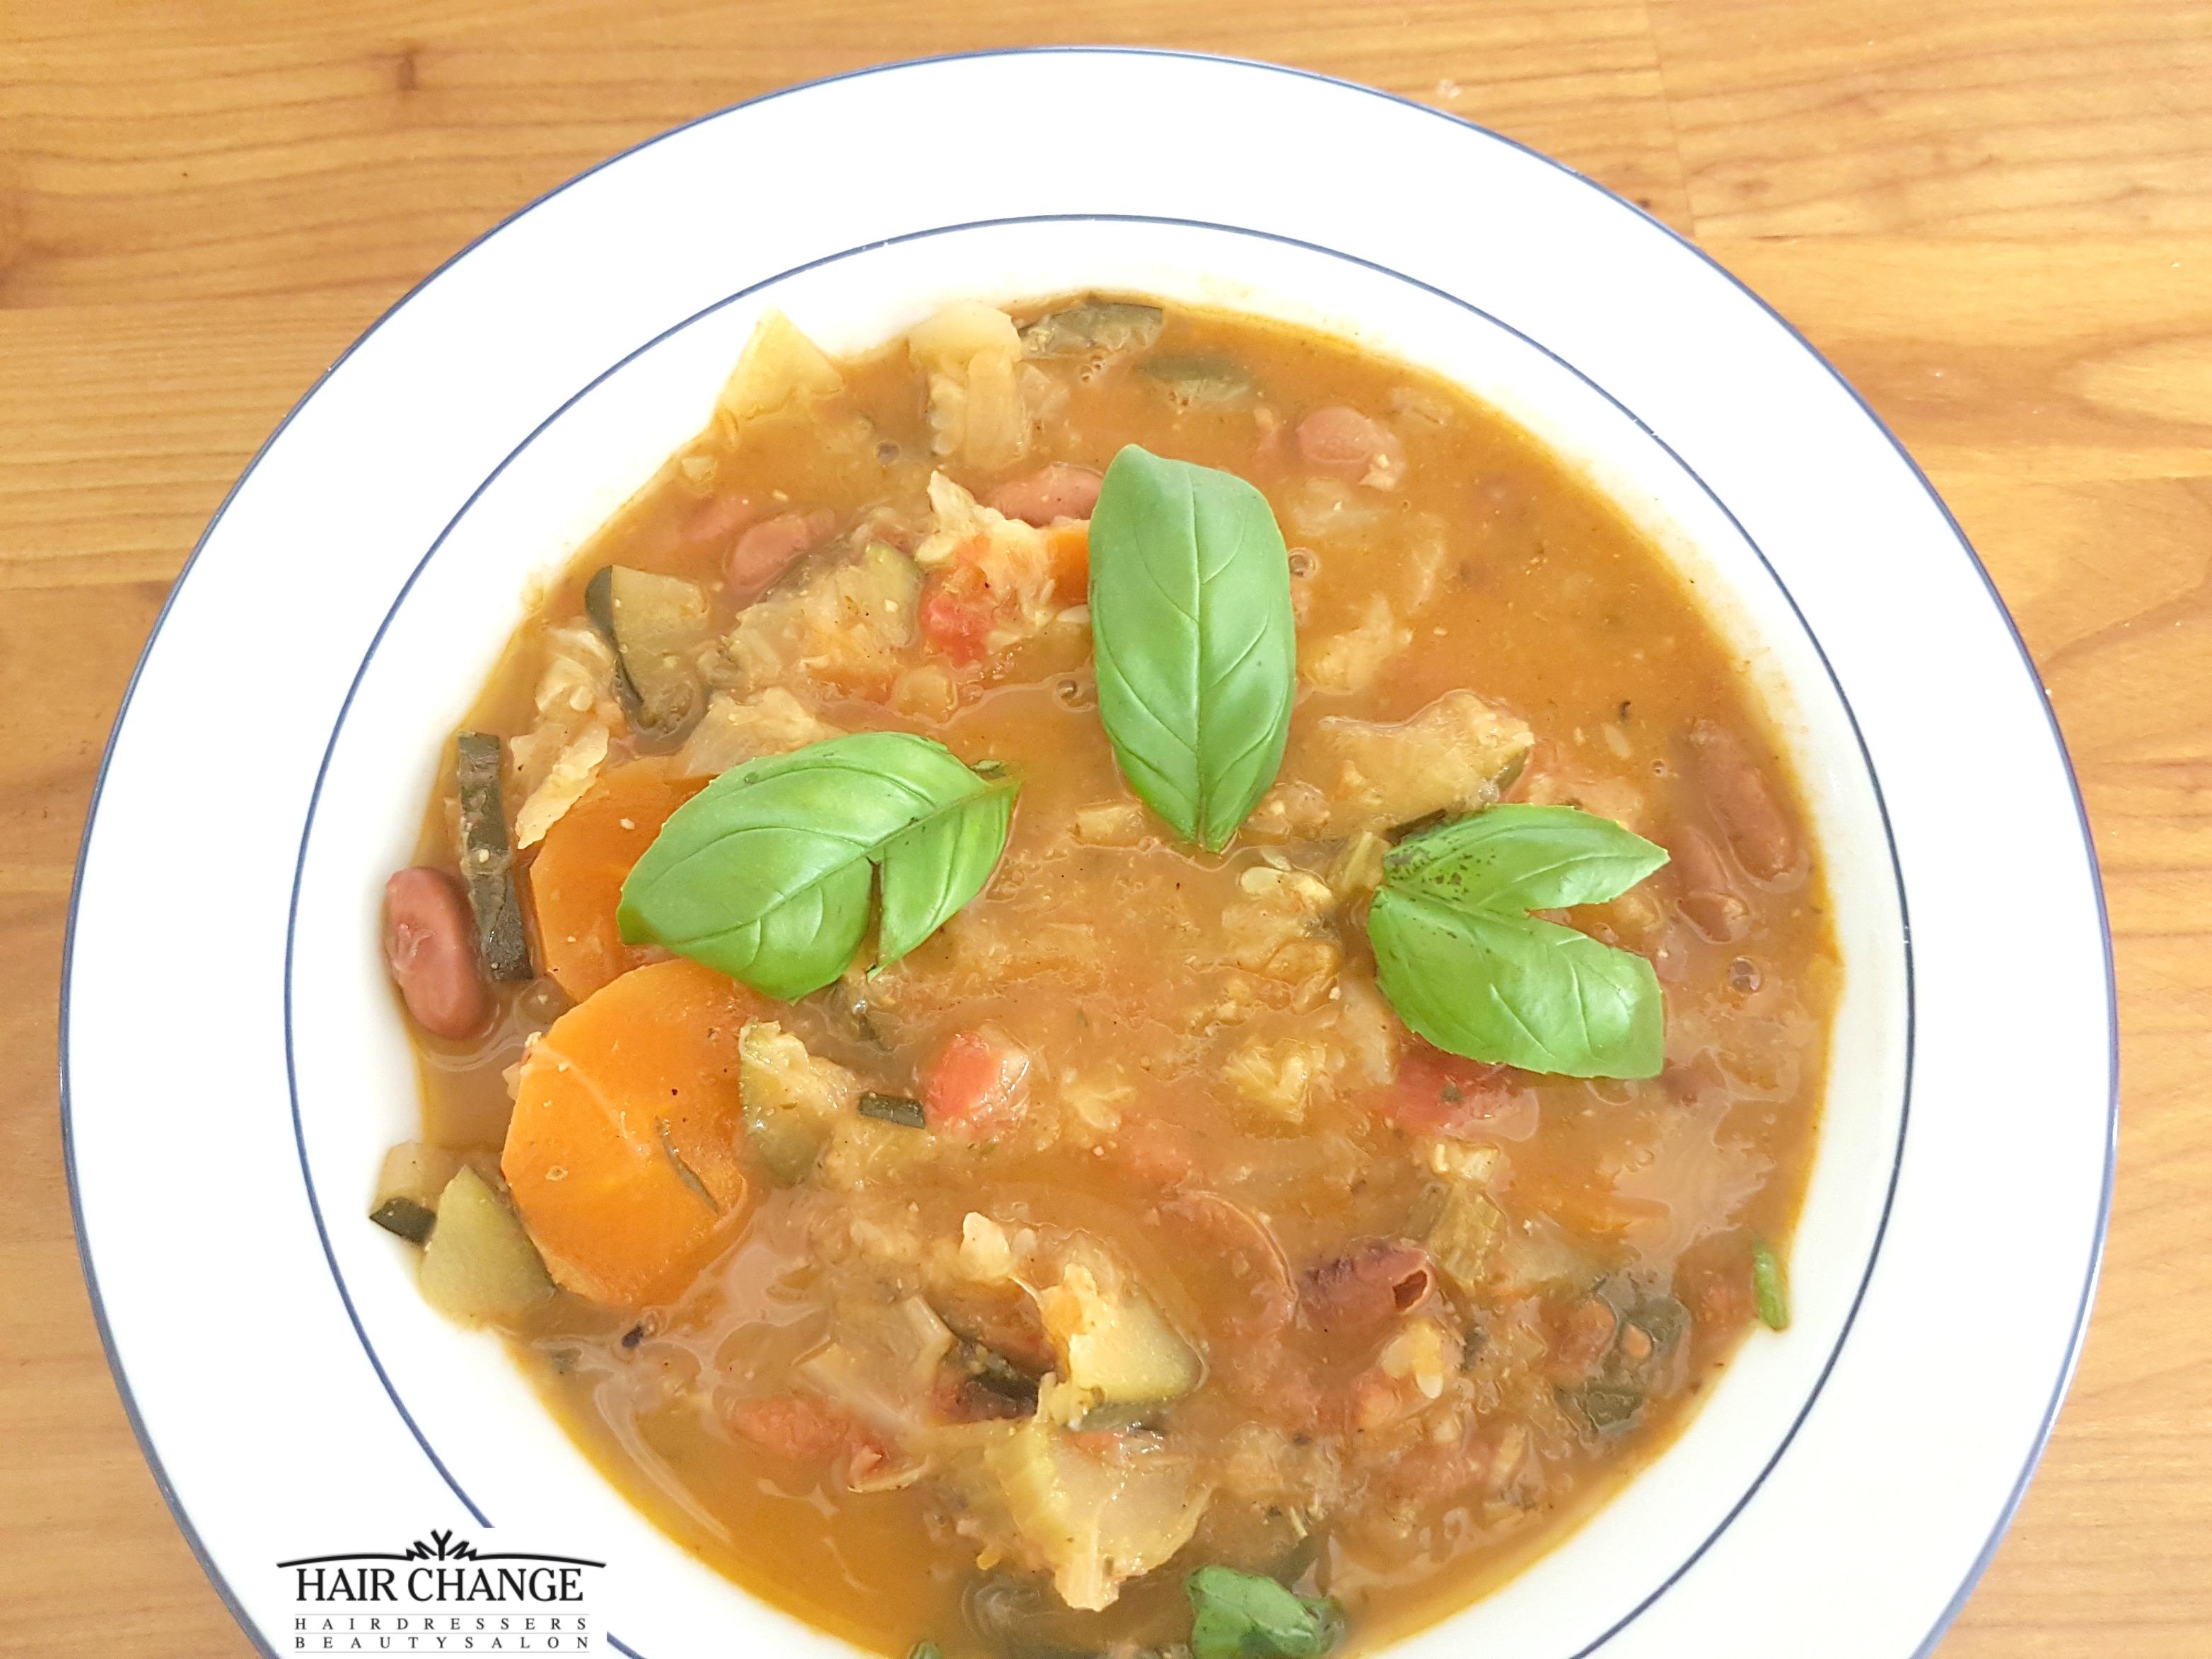 Ribollita koolhydraatarme soep